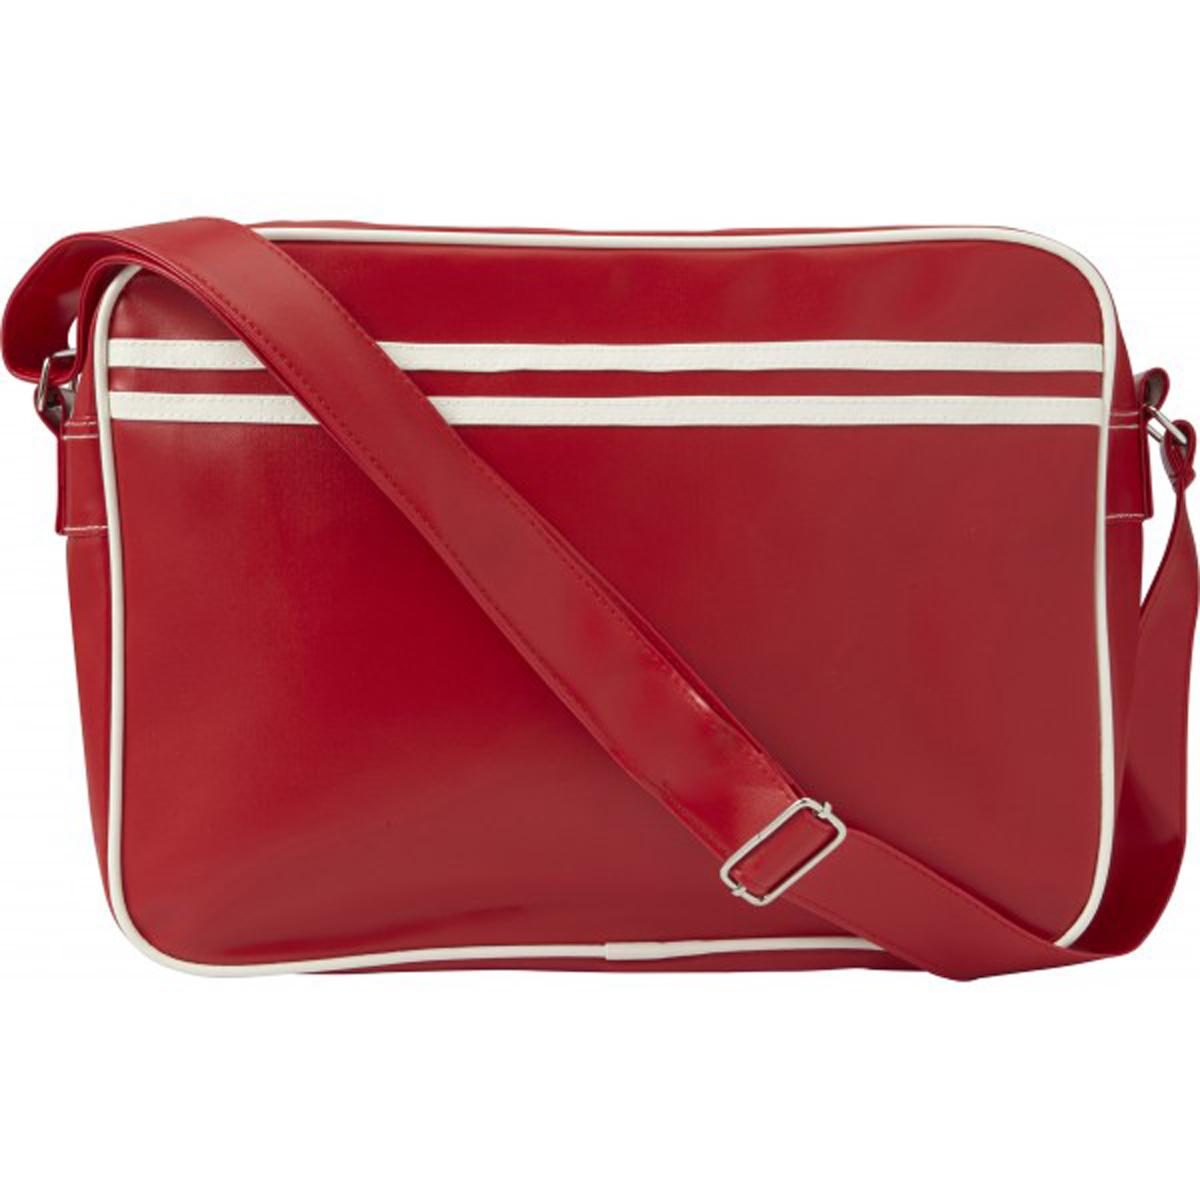 Sac bandoulière \'Académie\' rouge - 38x28 cm - [Q3230]